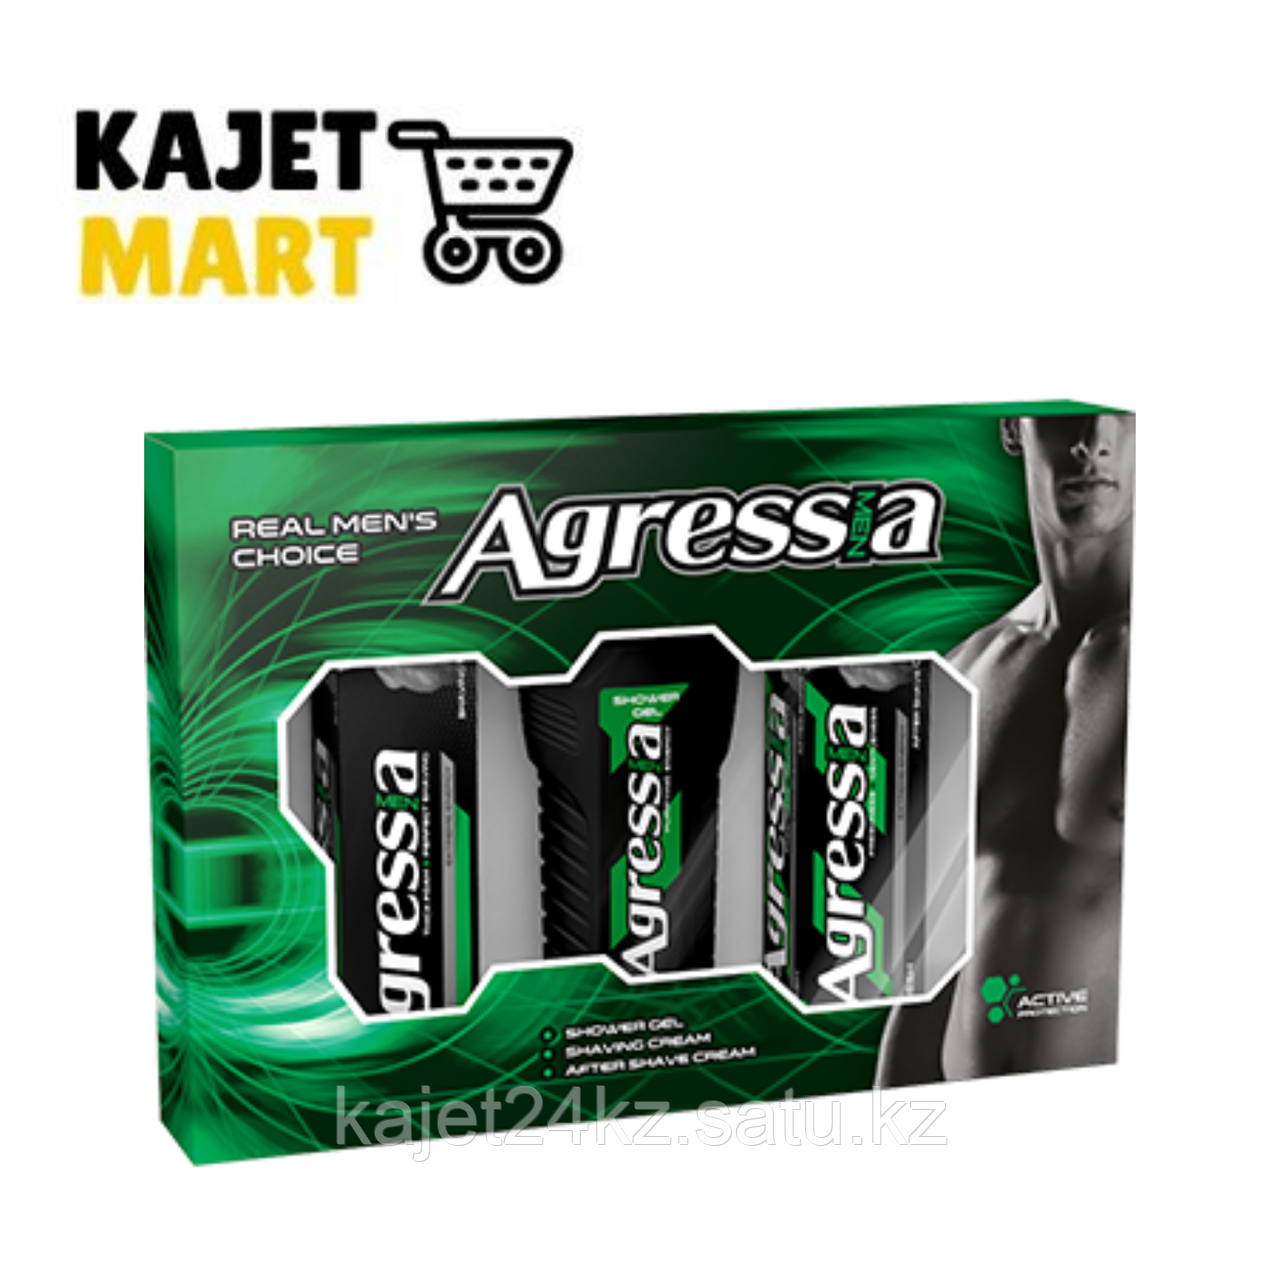 Agressia FRESH Подарочный набор  (гель для душа  + крем для бритья + крем после бритья)